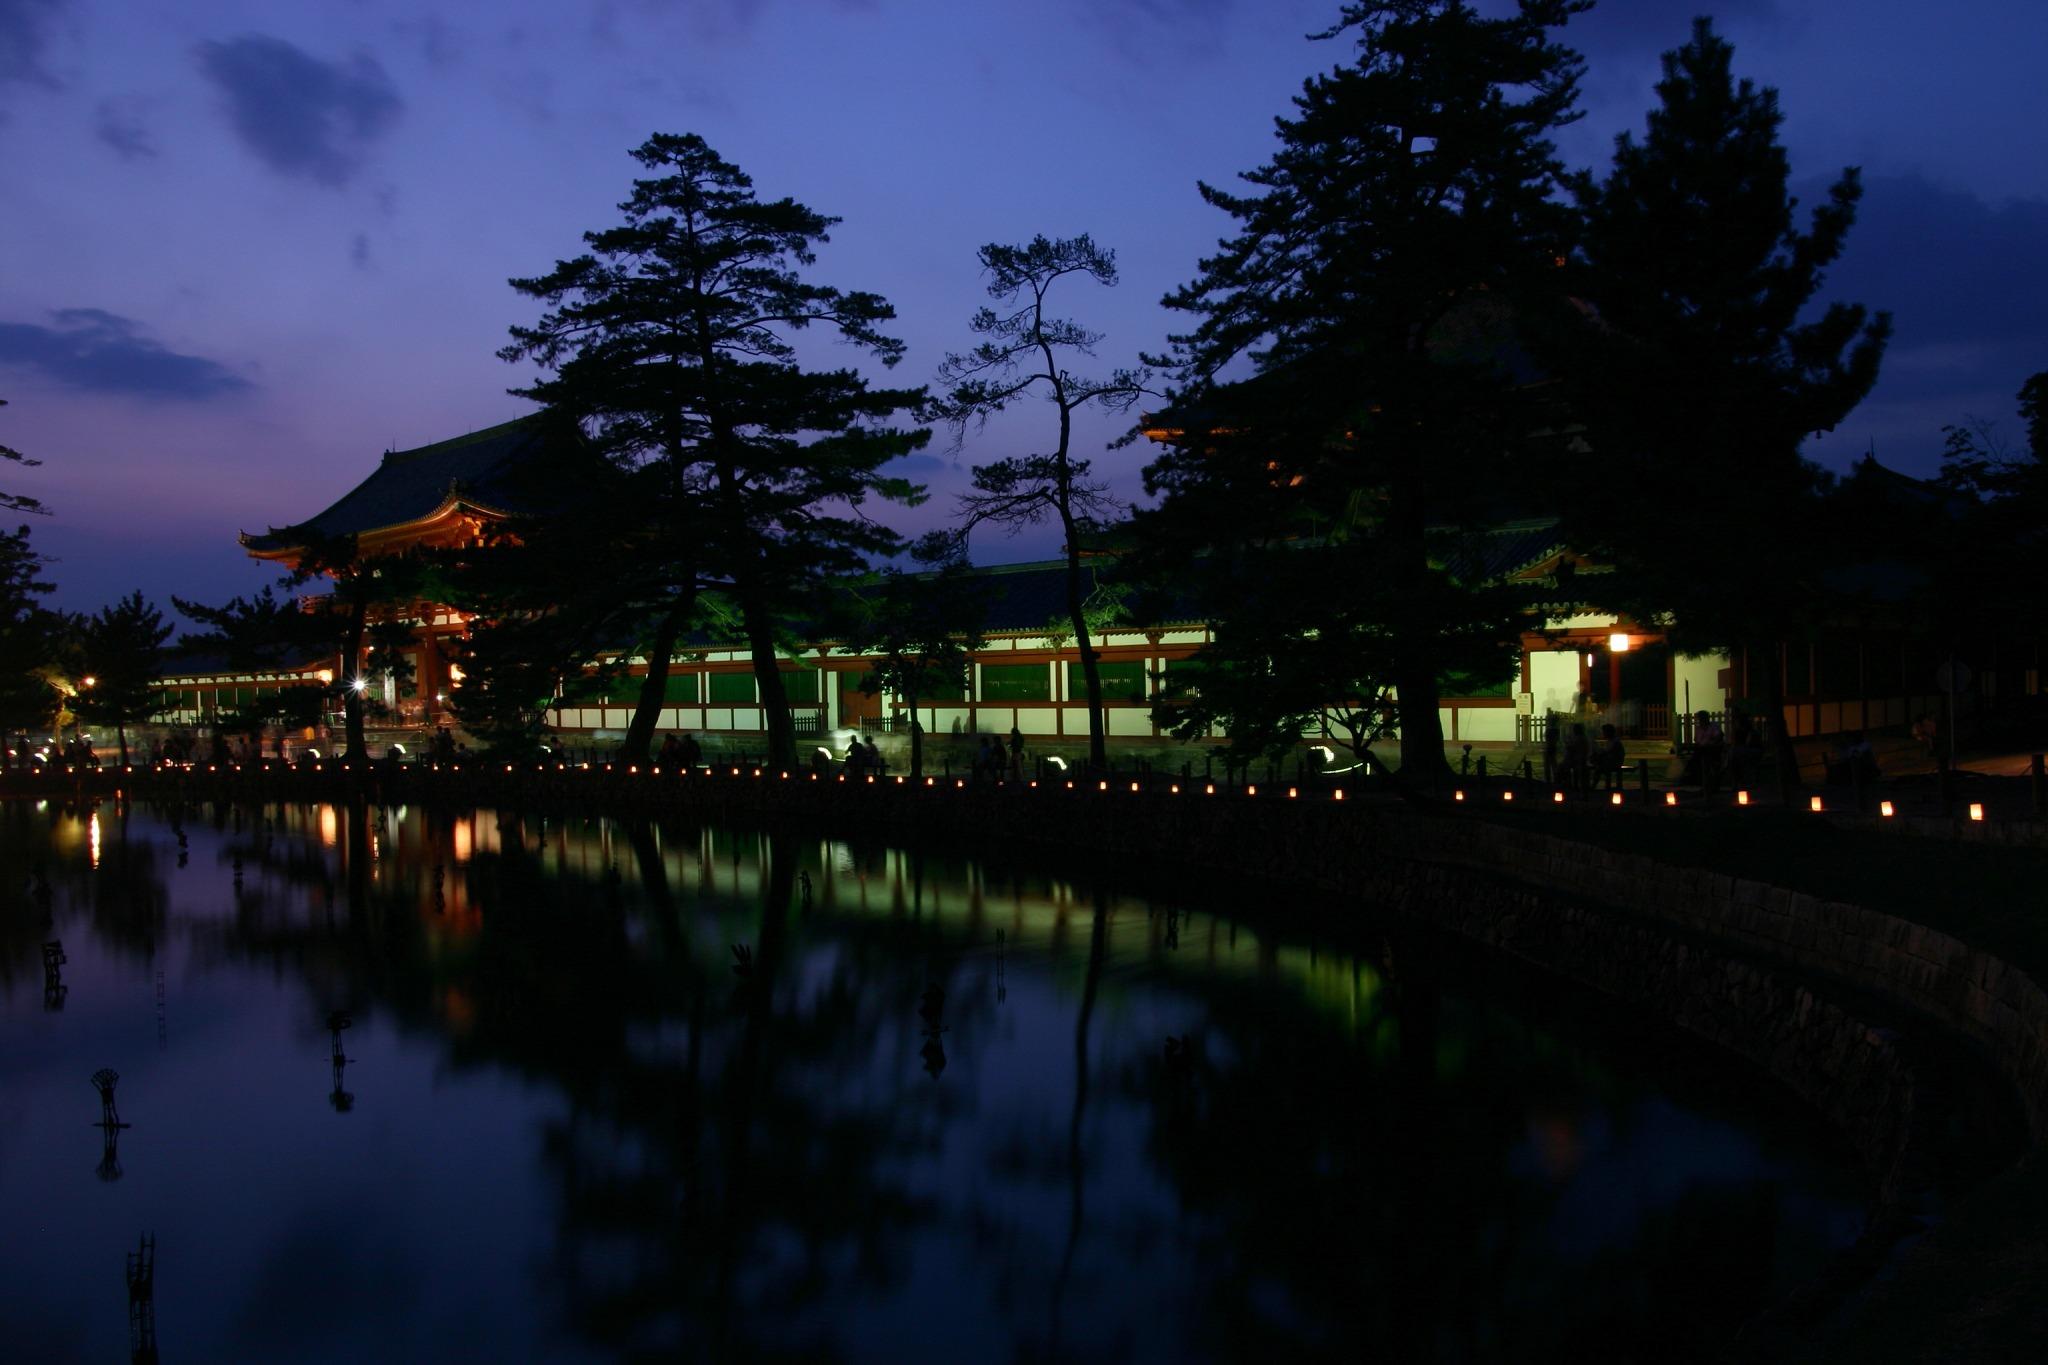 東大寺大仏殿の中門のライトアップ2